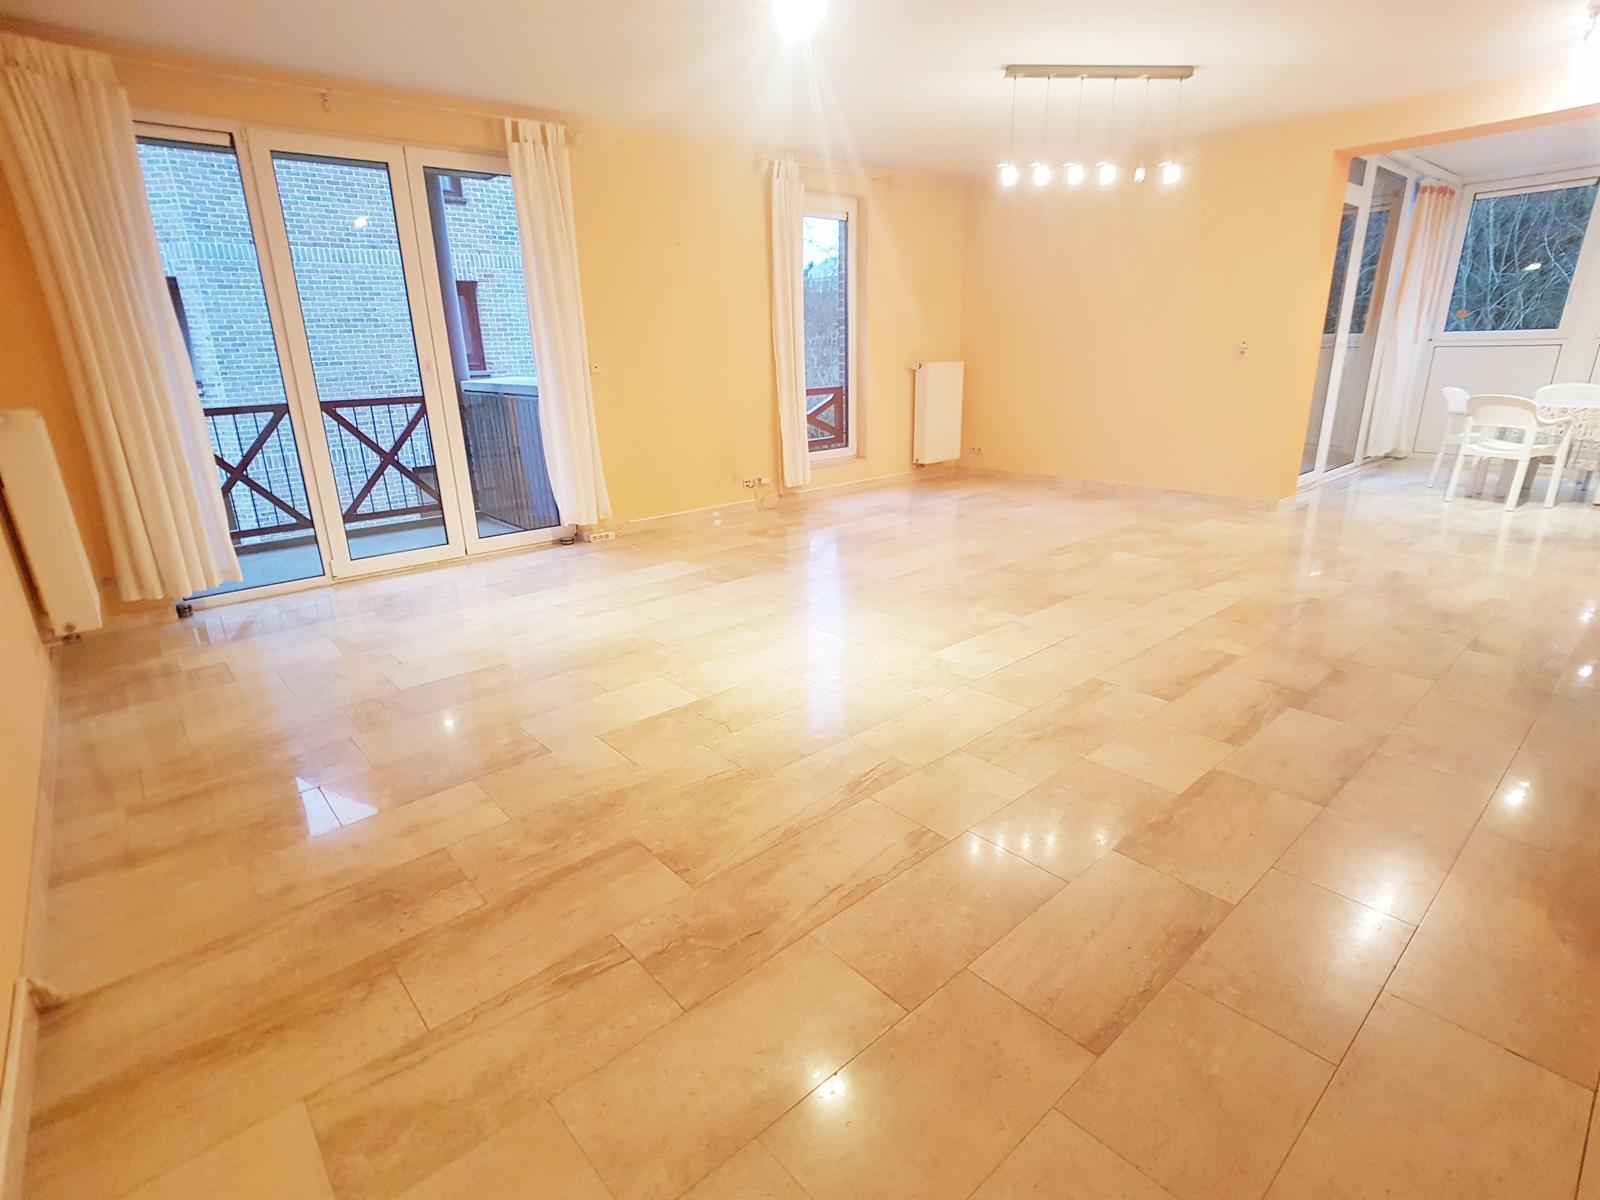 Appartement - Ottignies-Louvain-la-Neuve - #4254648-1